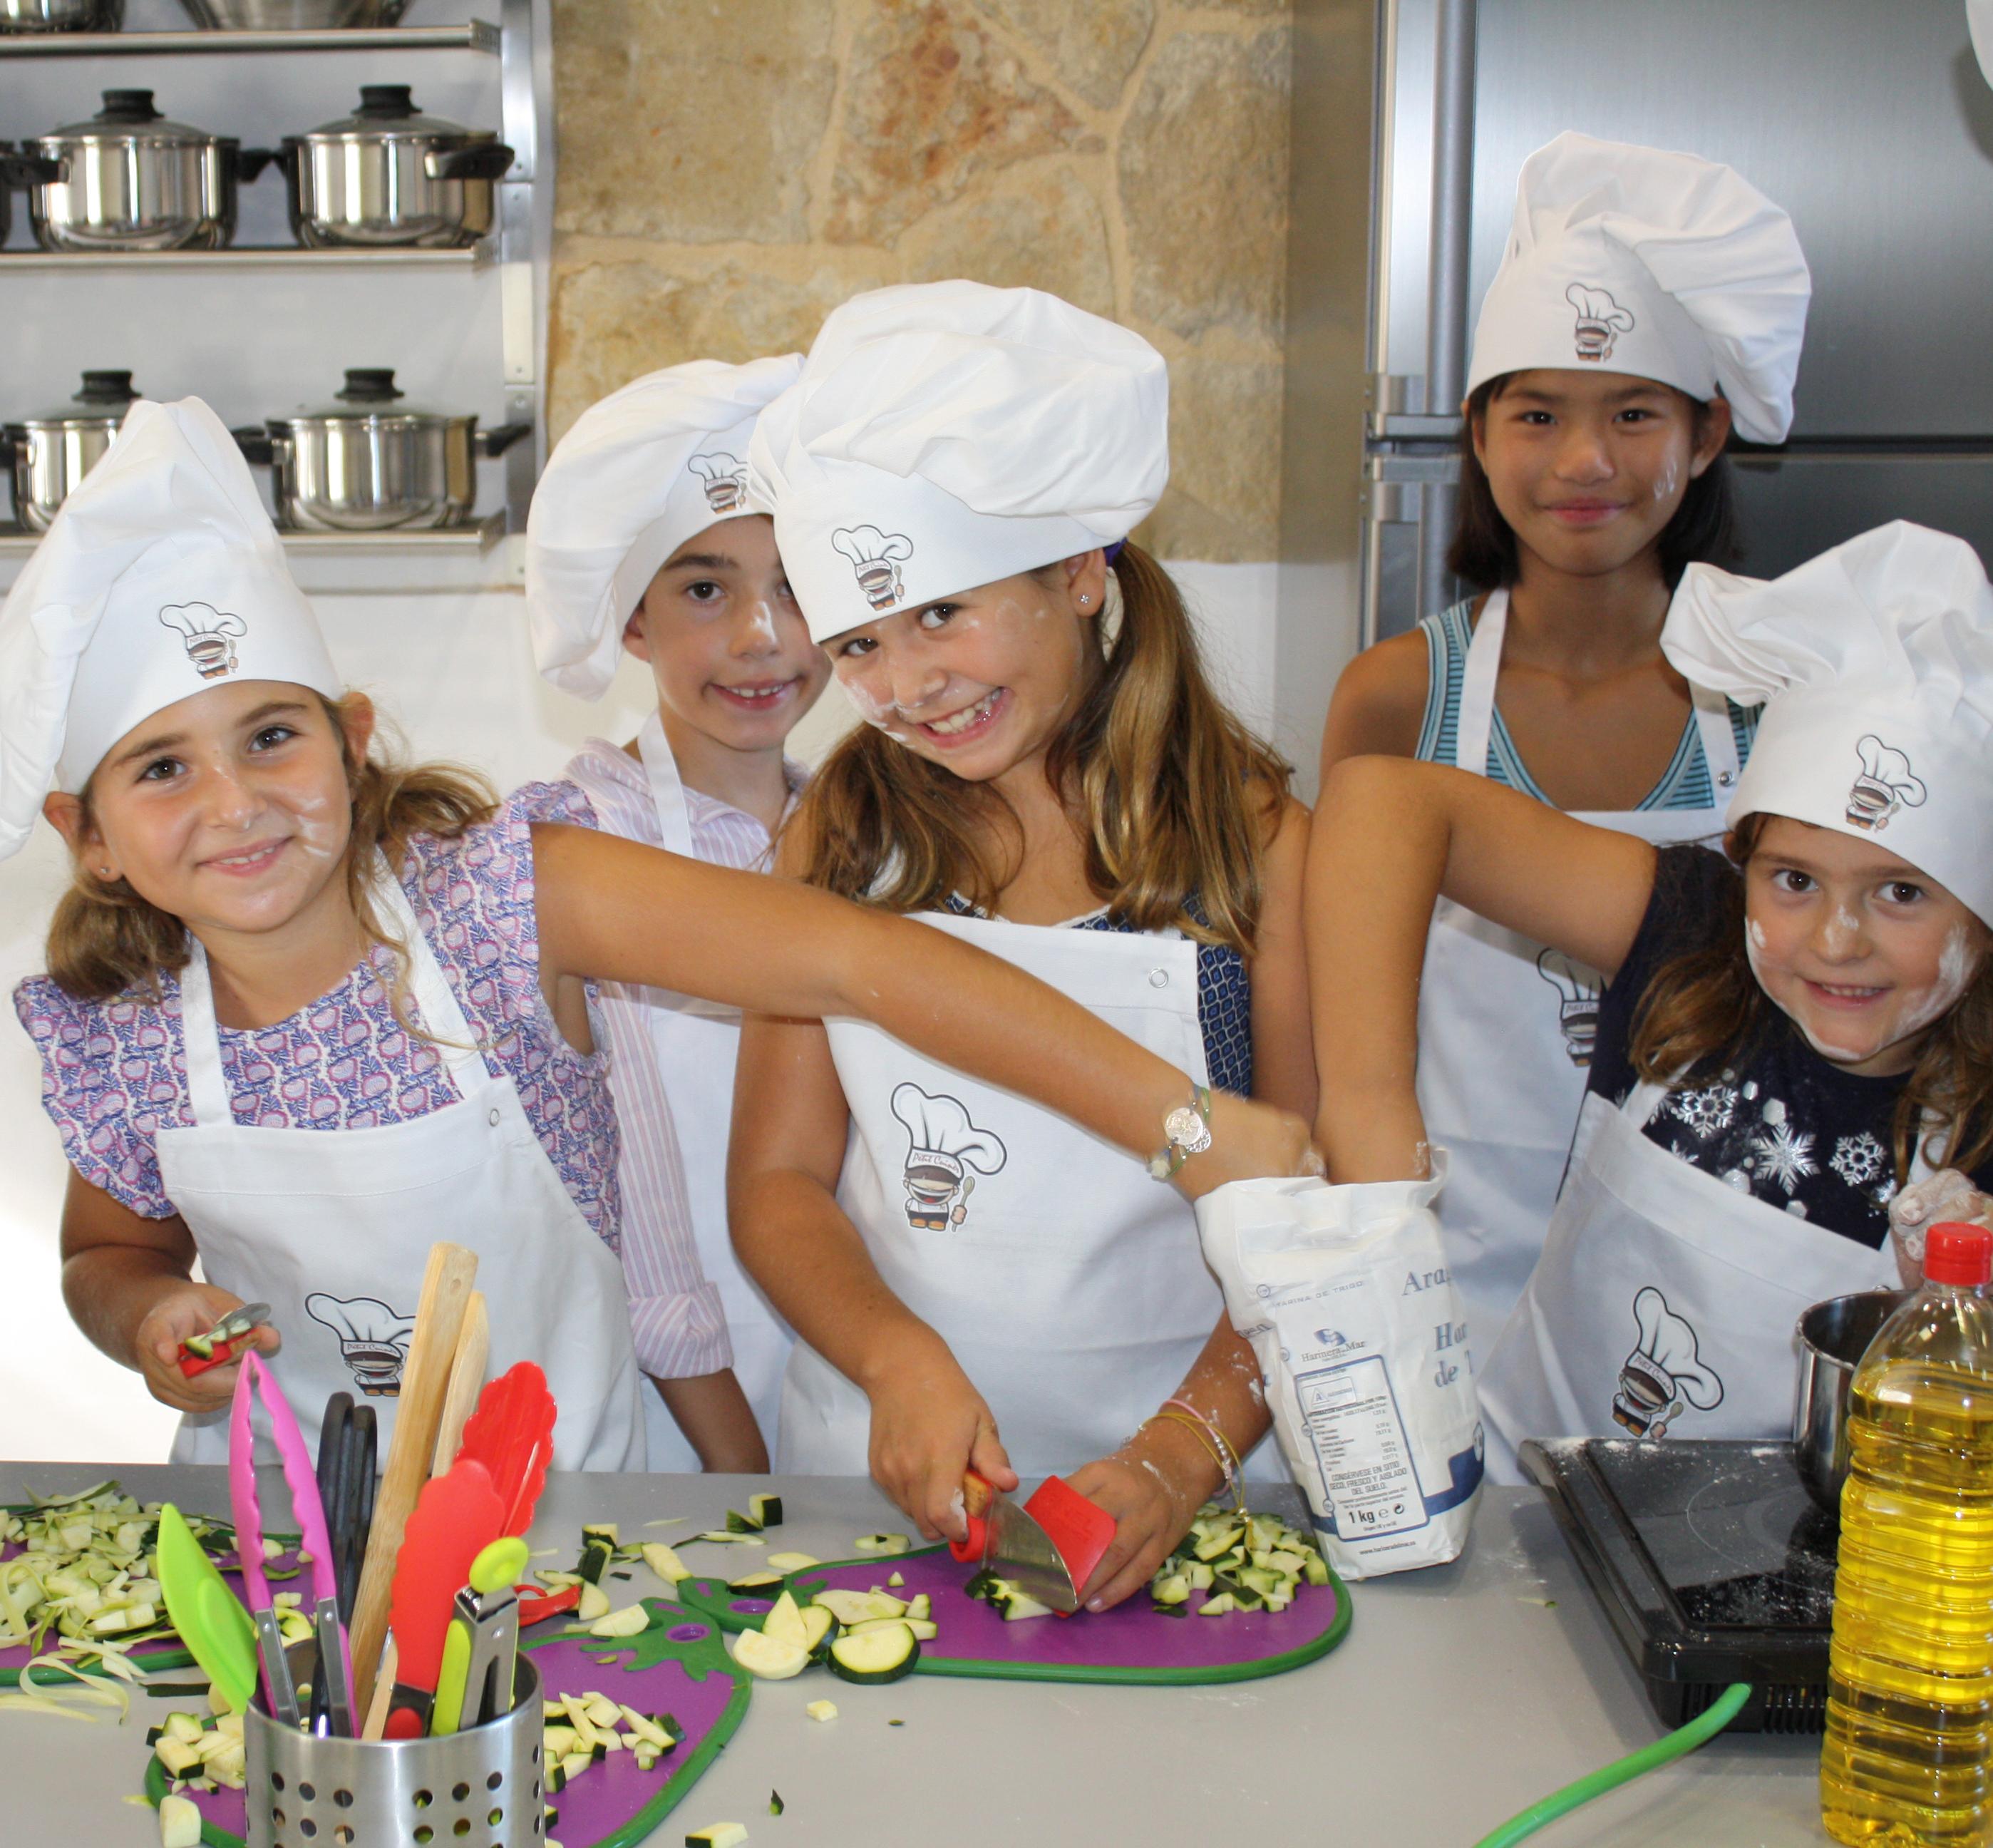 Cursos De Cocina Para Niños U2014 Tallers De Cuina Per A Petits I Grans. Tel  667 60 33 04